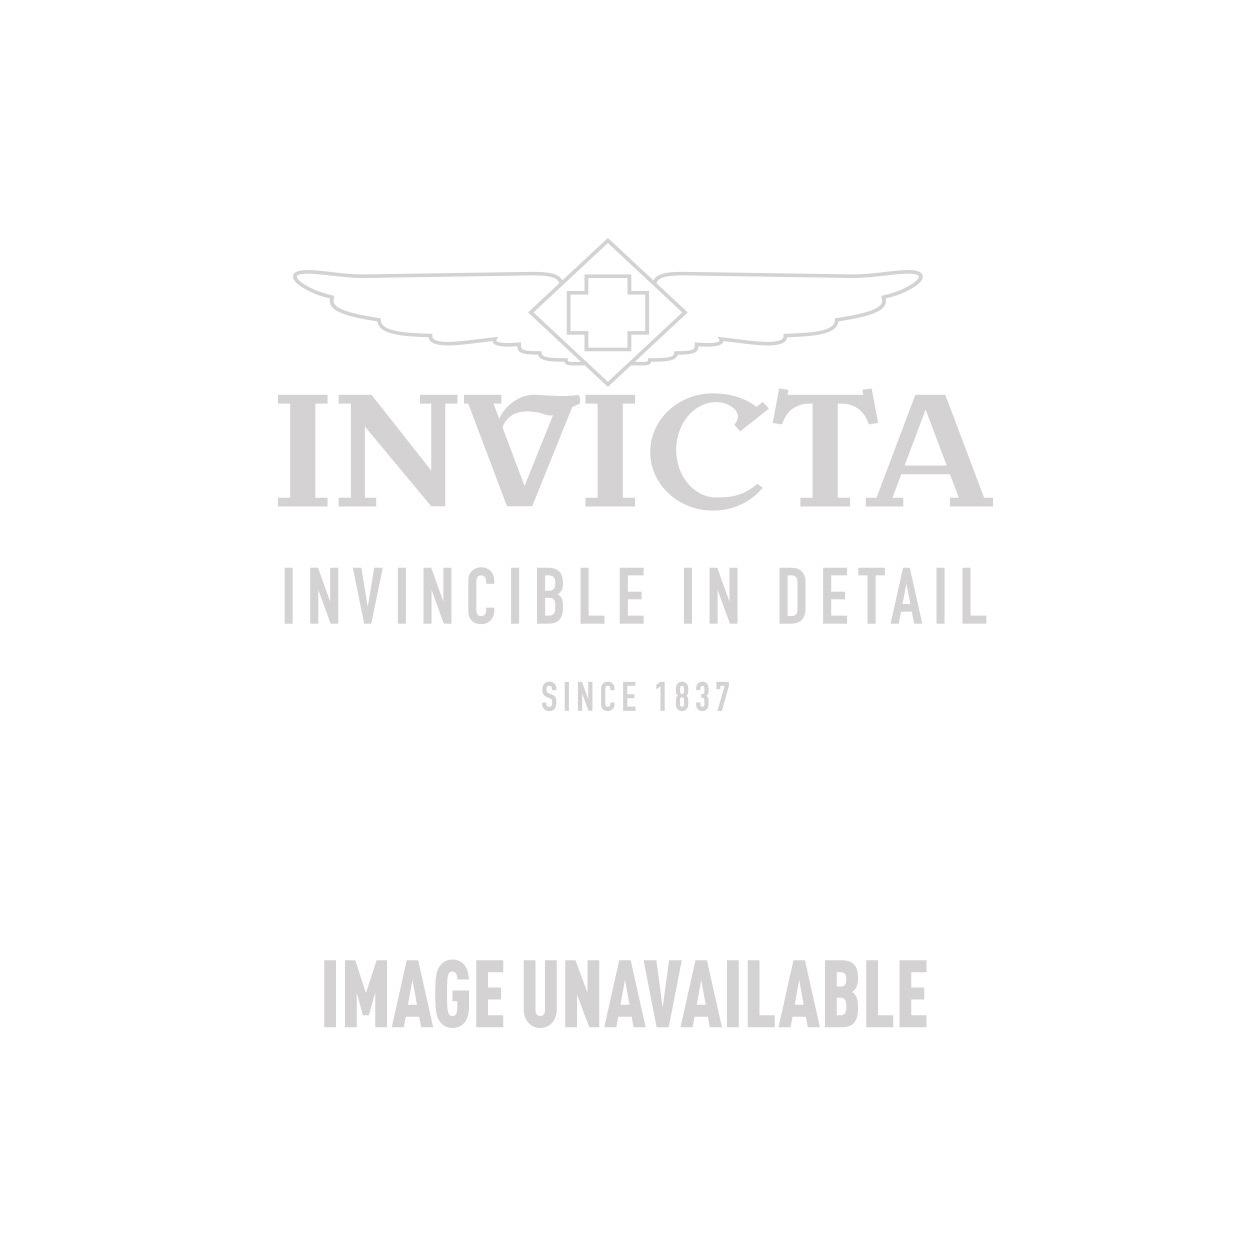 Invicta Model 27190